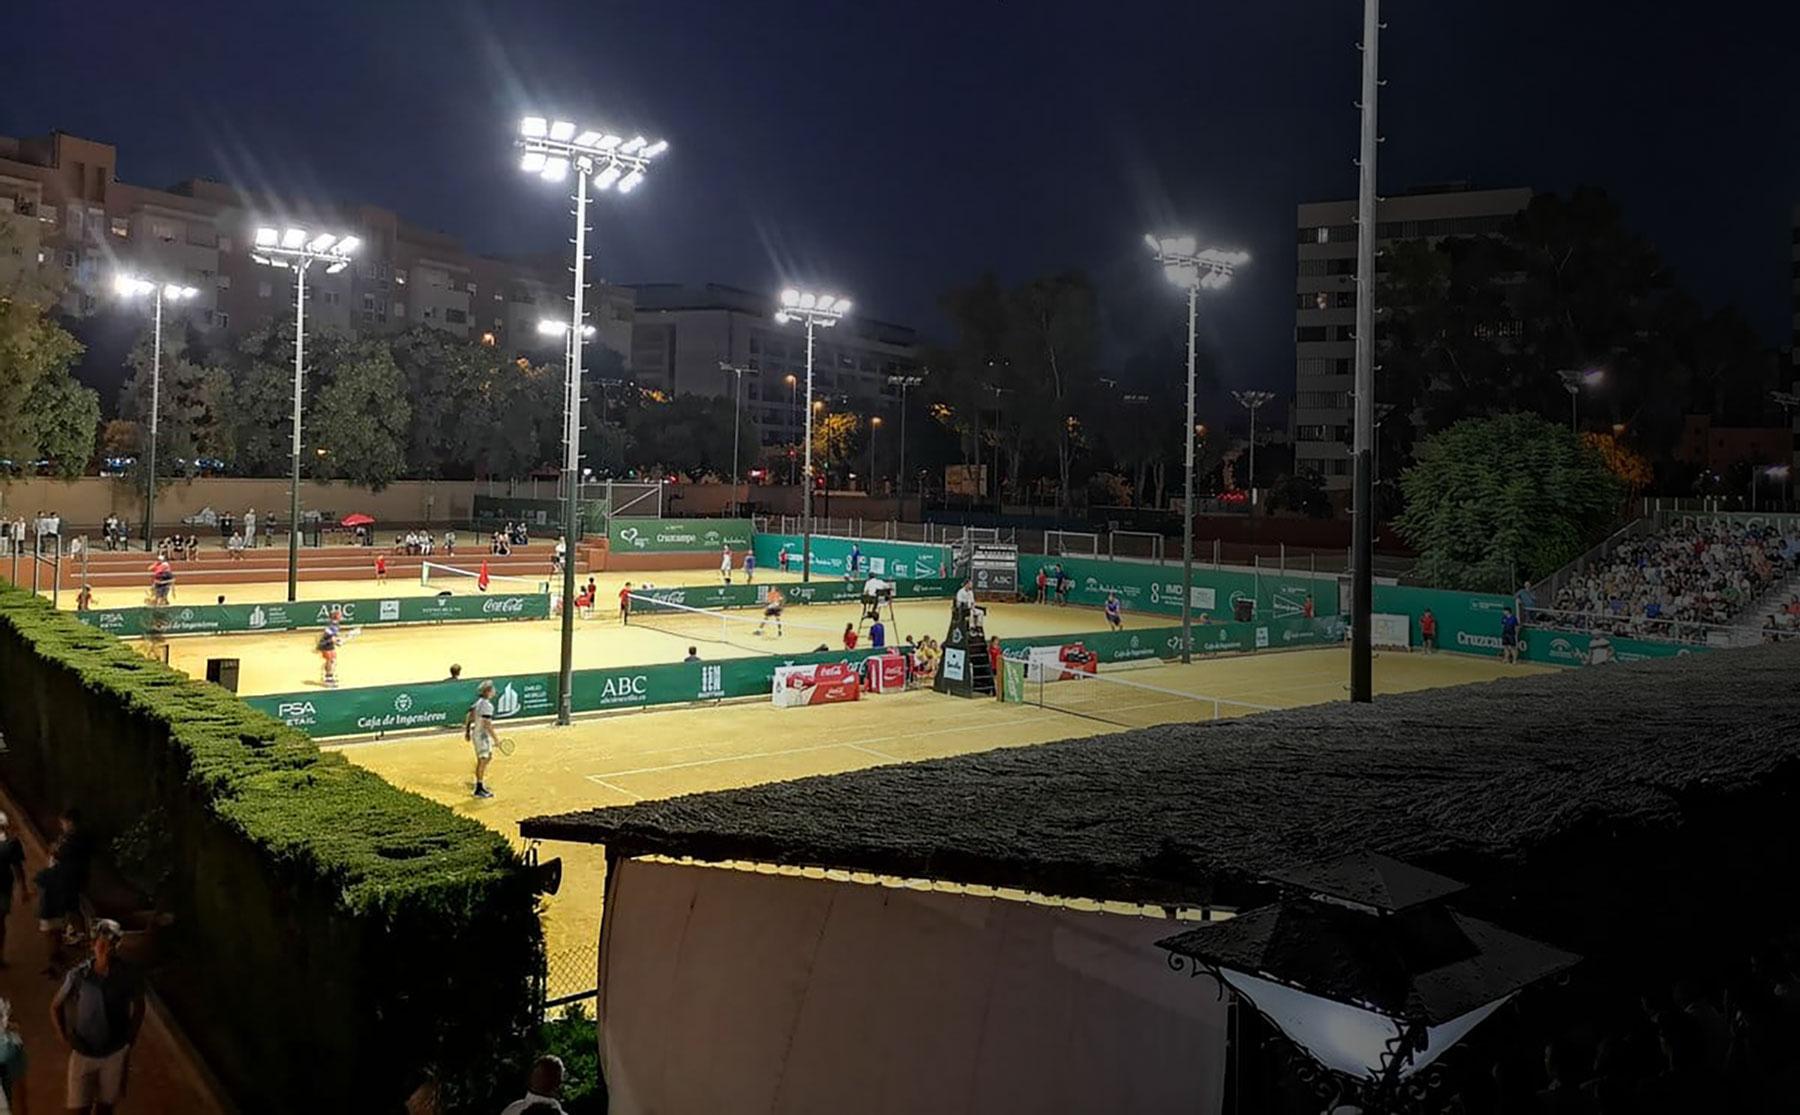 Soluciones de Iluminación LED para instalaciones deportivas - minusWAT